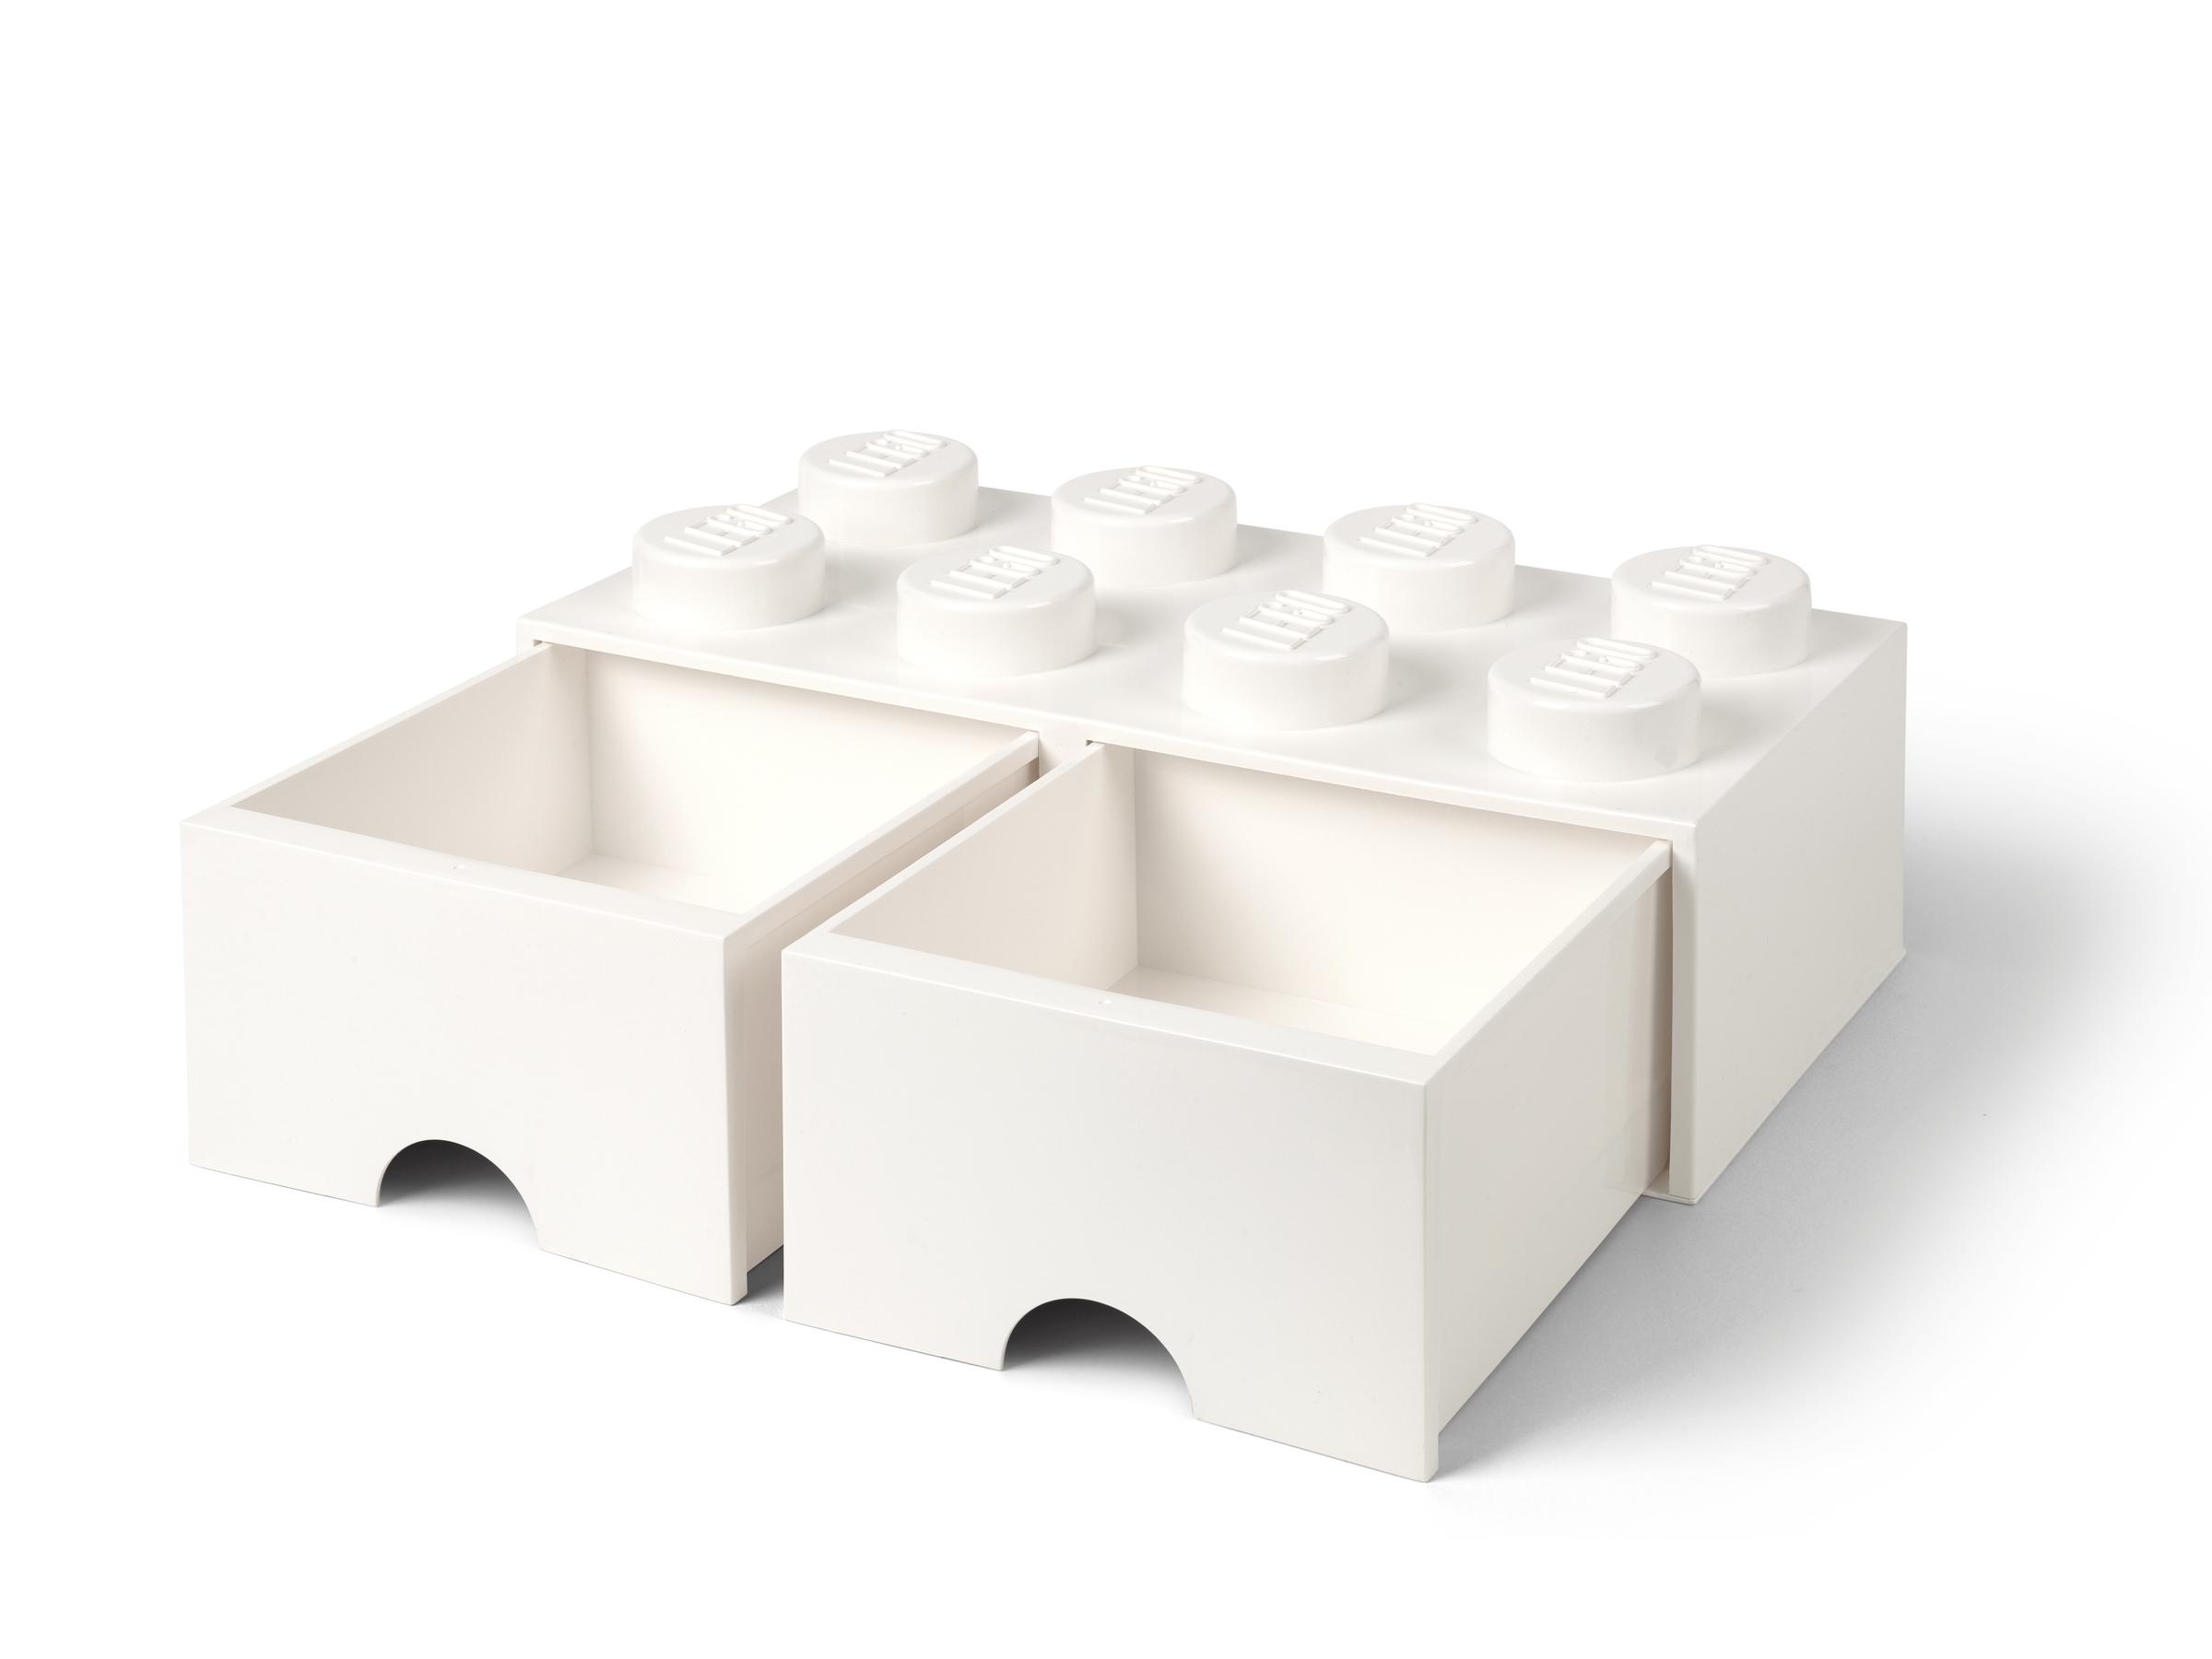 lego 5006209 8 nastainen valkoinen sailytyspalikkalaatikko